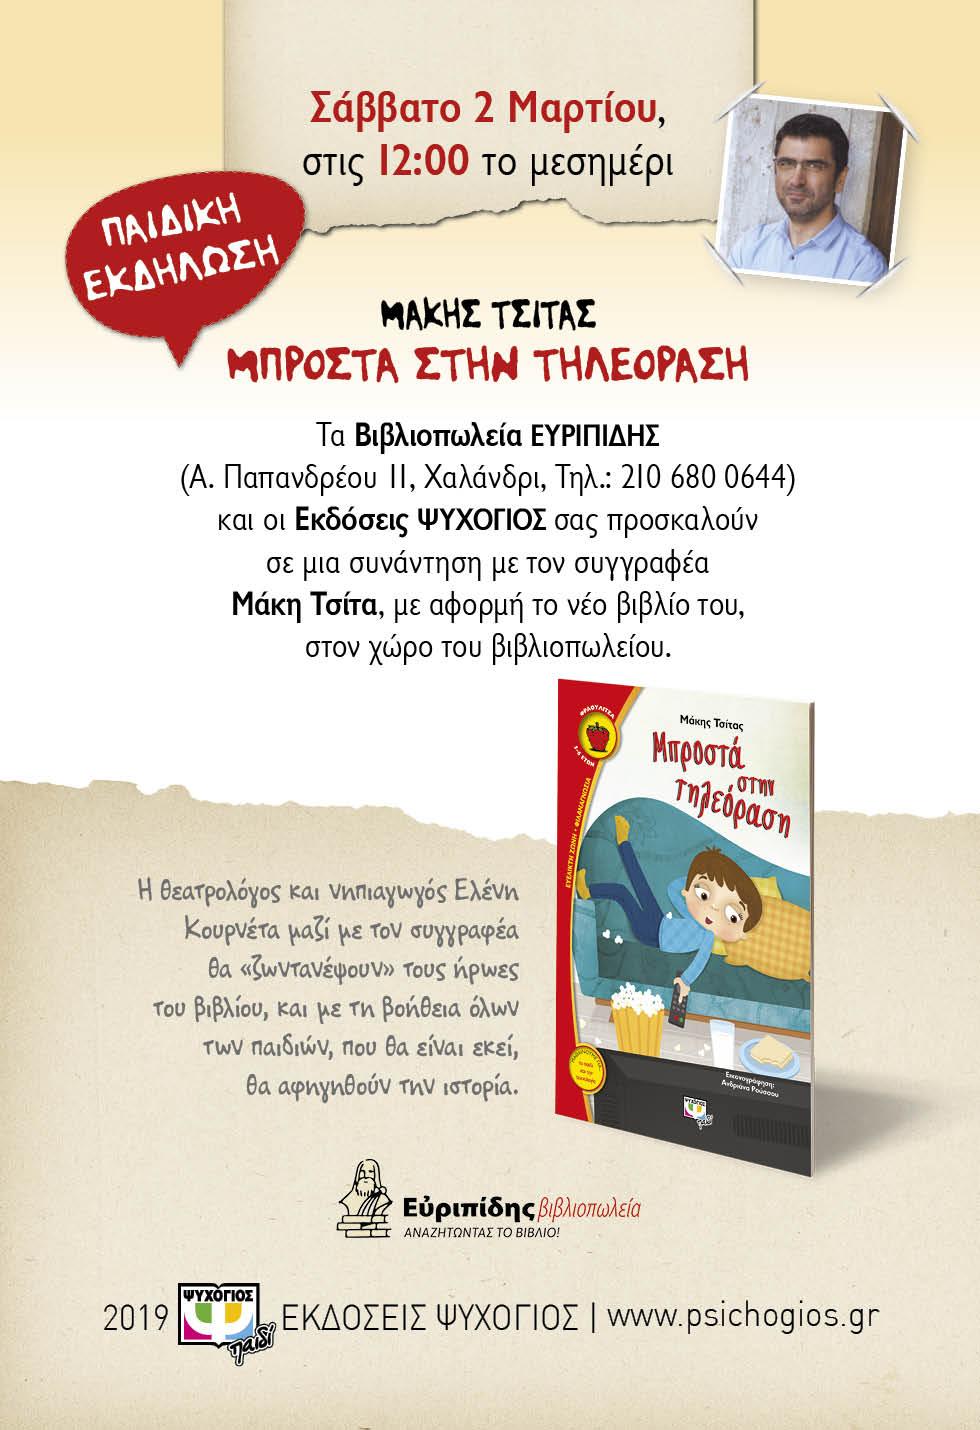 Το «Μπροστά στην τηλεόραση» του Μάκη Τσίτα στο Βιβλιοπωλείο ΕΥΡΙΠΙΔΗΣ στο Χαλάνδρι